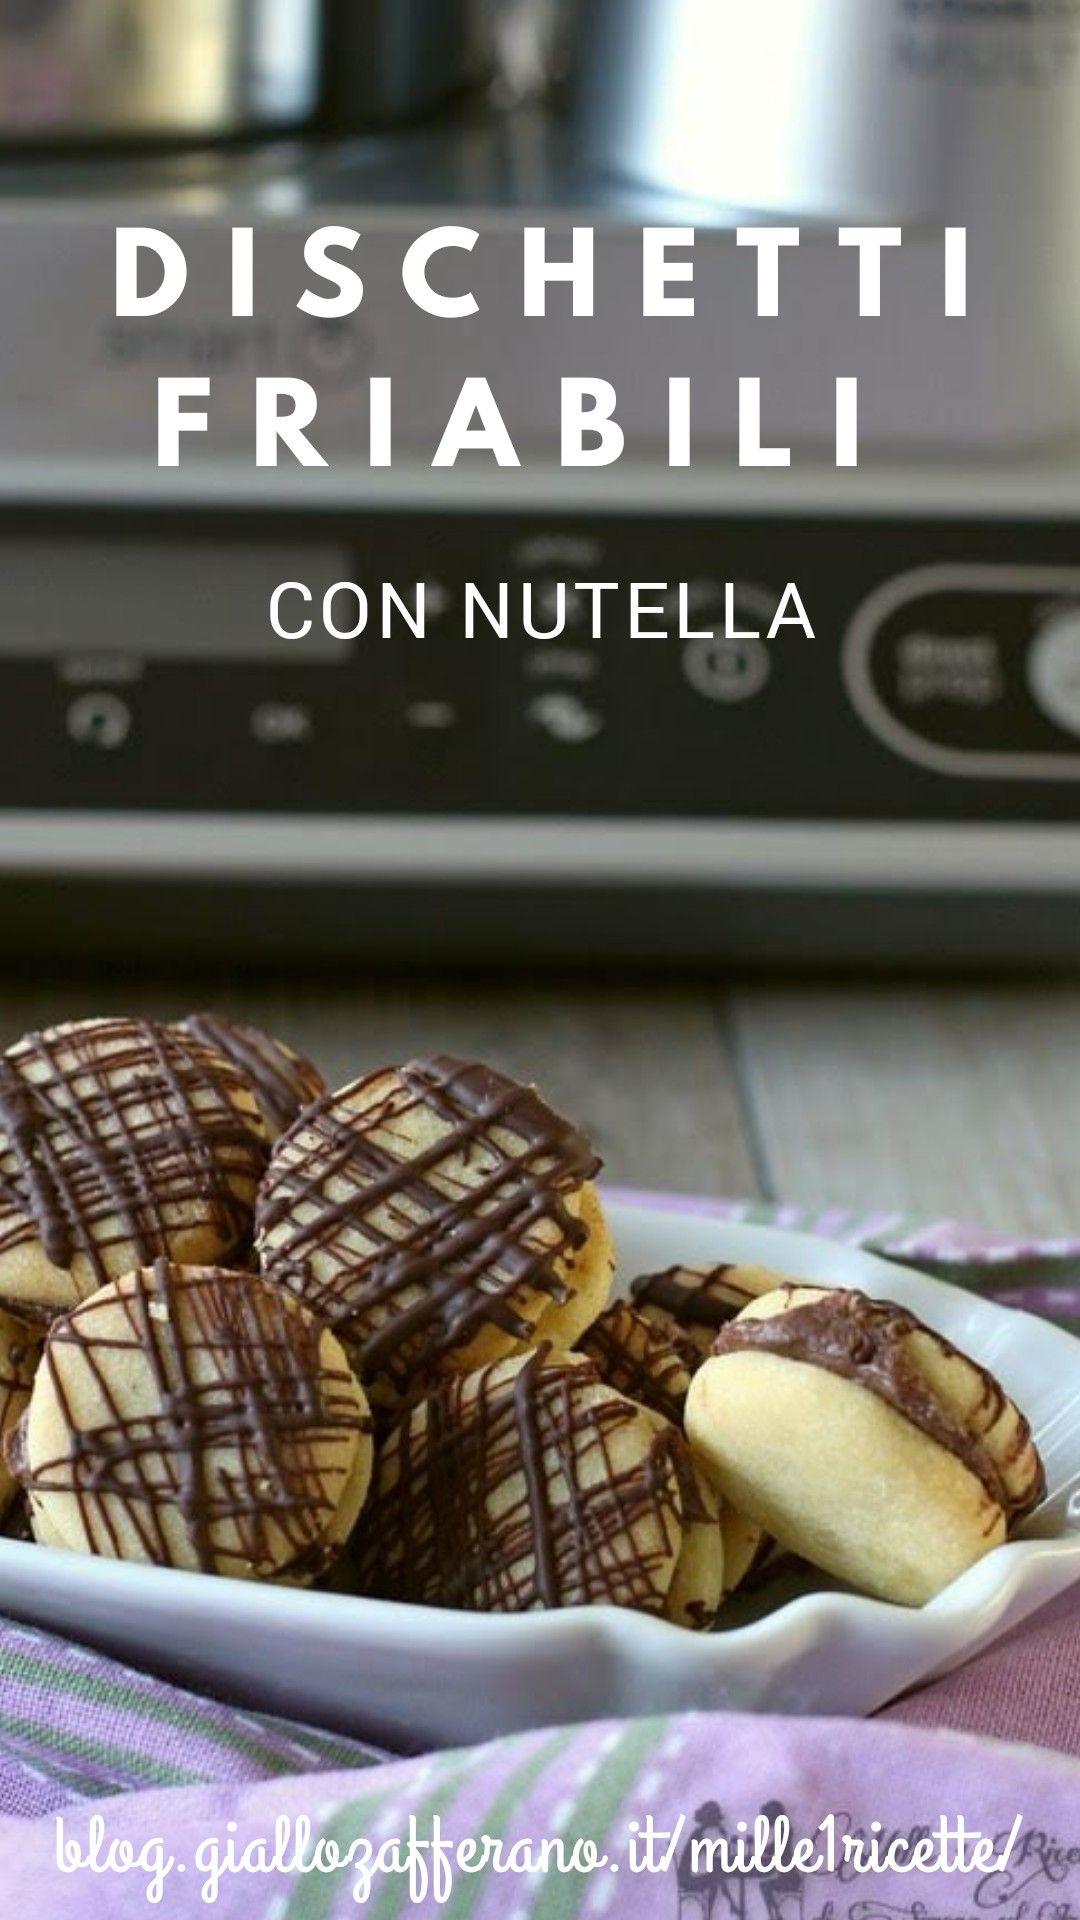 Ricetta Nutella Con Kenwood.Dischetti Friabili Con Nutella Mille 1 Ricette Ricetta Ricette Ricette Di Cucina Nutella